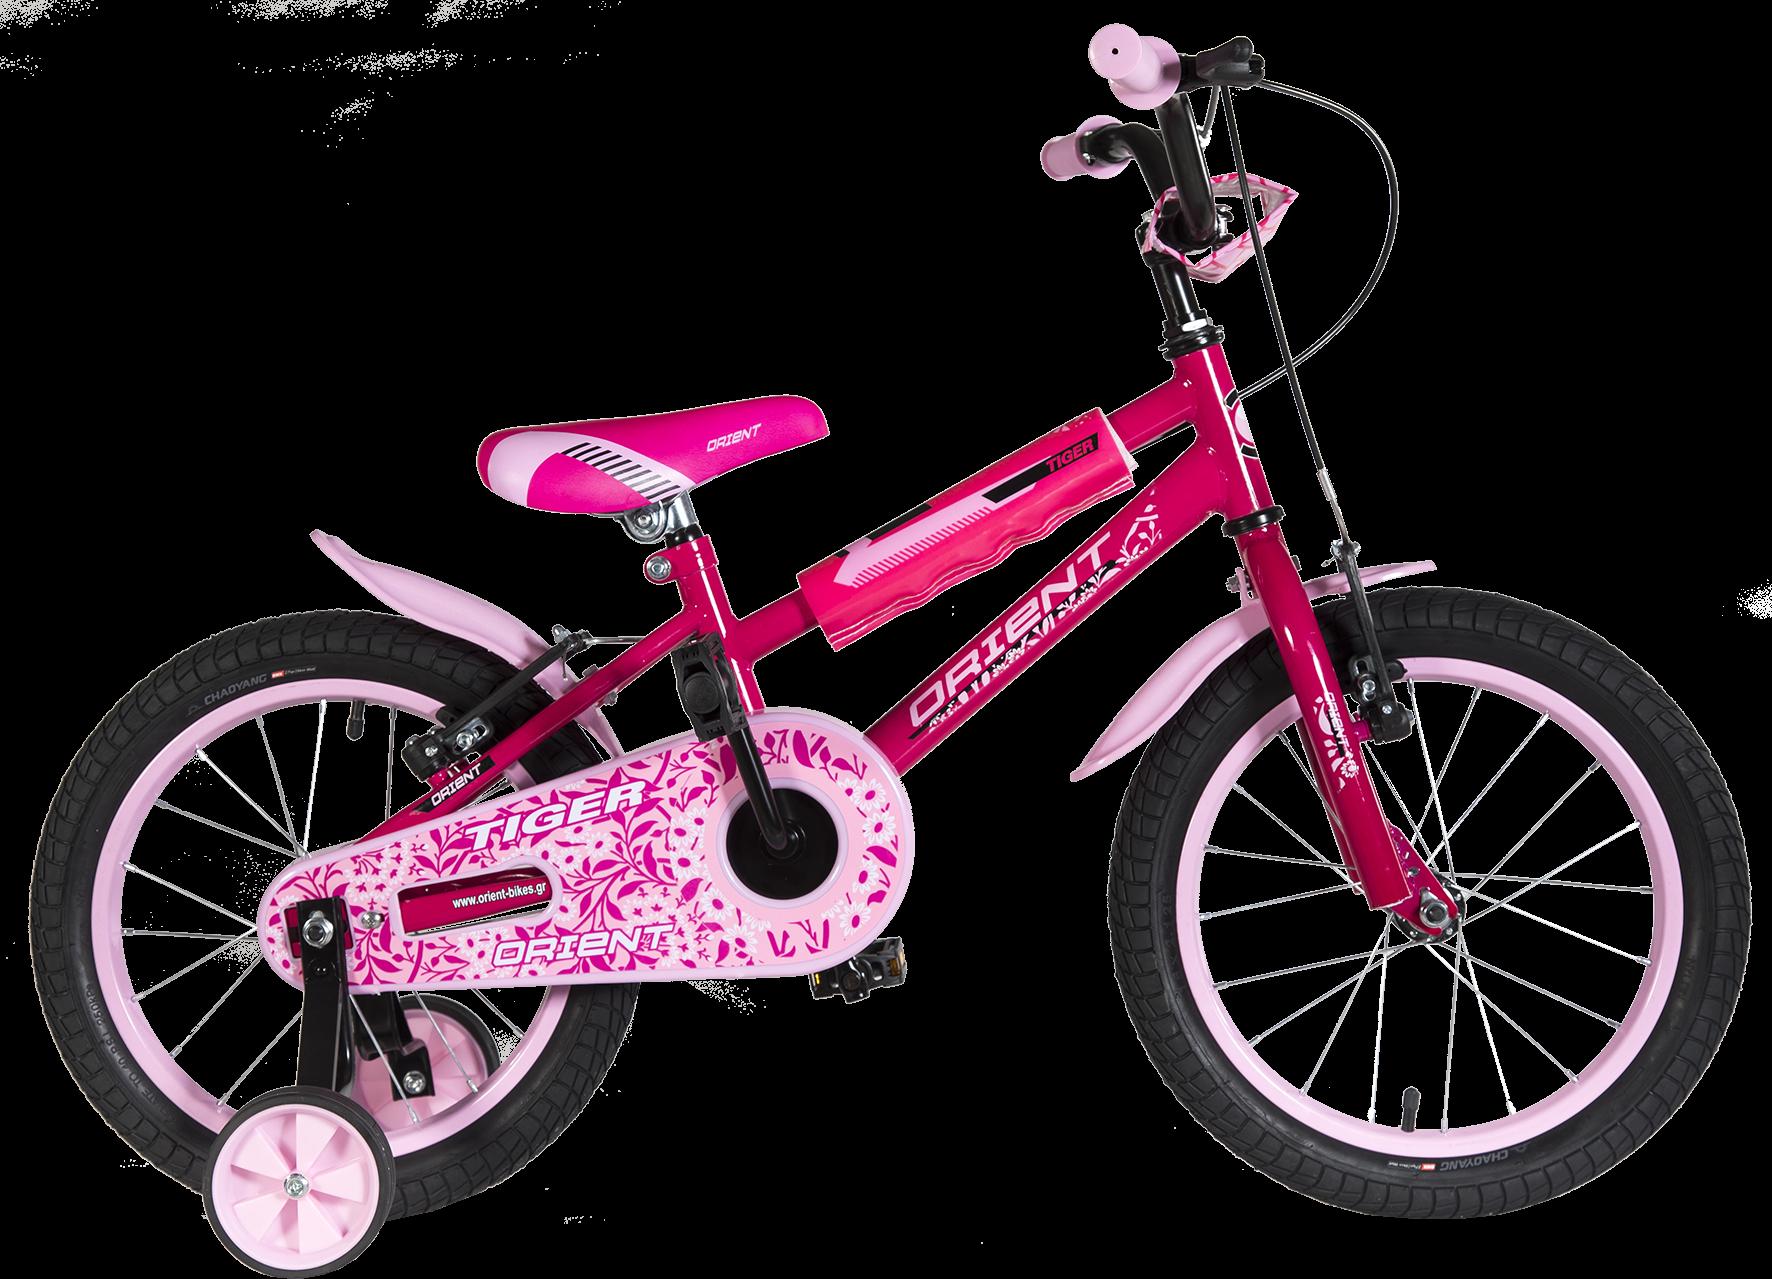 """ΠΟΔΗΛΑΤΟ 20"""" ORIENT TIGER BMX ΡΟΖ ΣΕ ΟΛΑ ΤΑ ΠΟΔΗΛΑΤΑ -20% (151031)"""